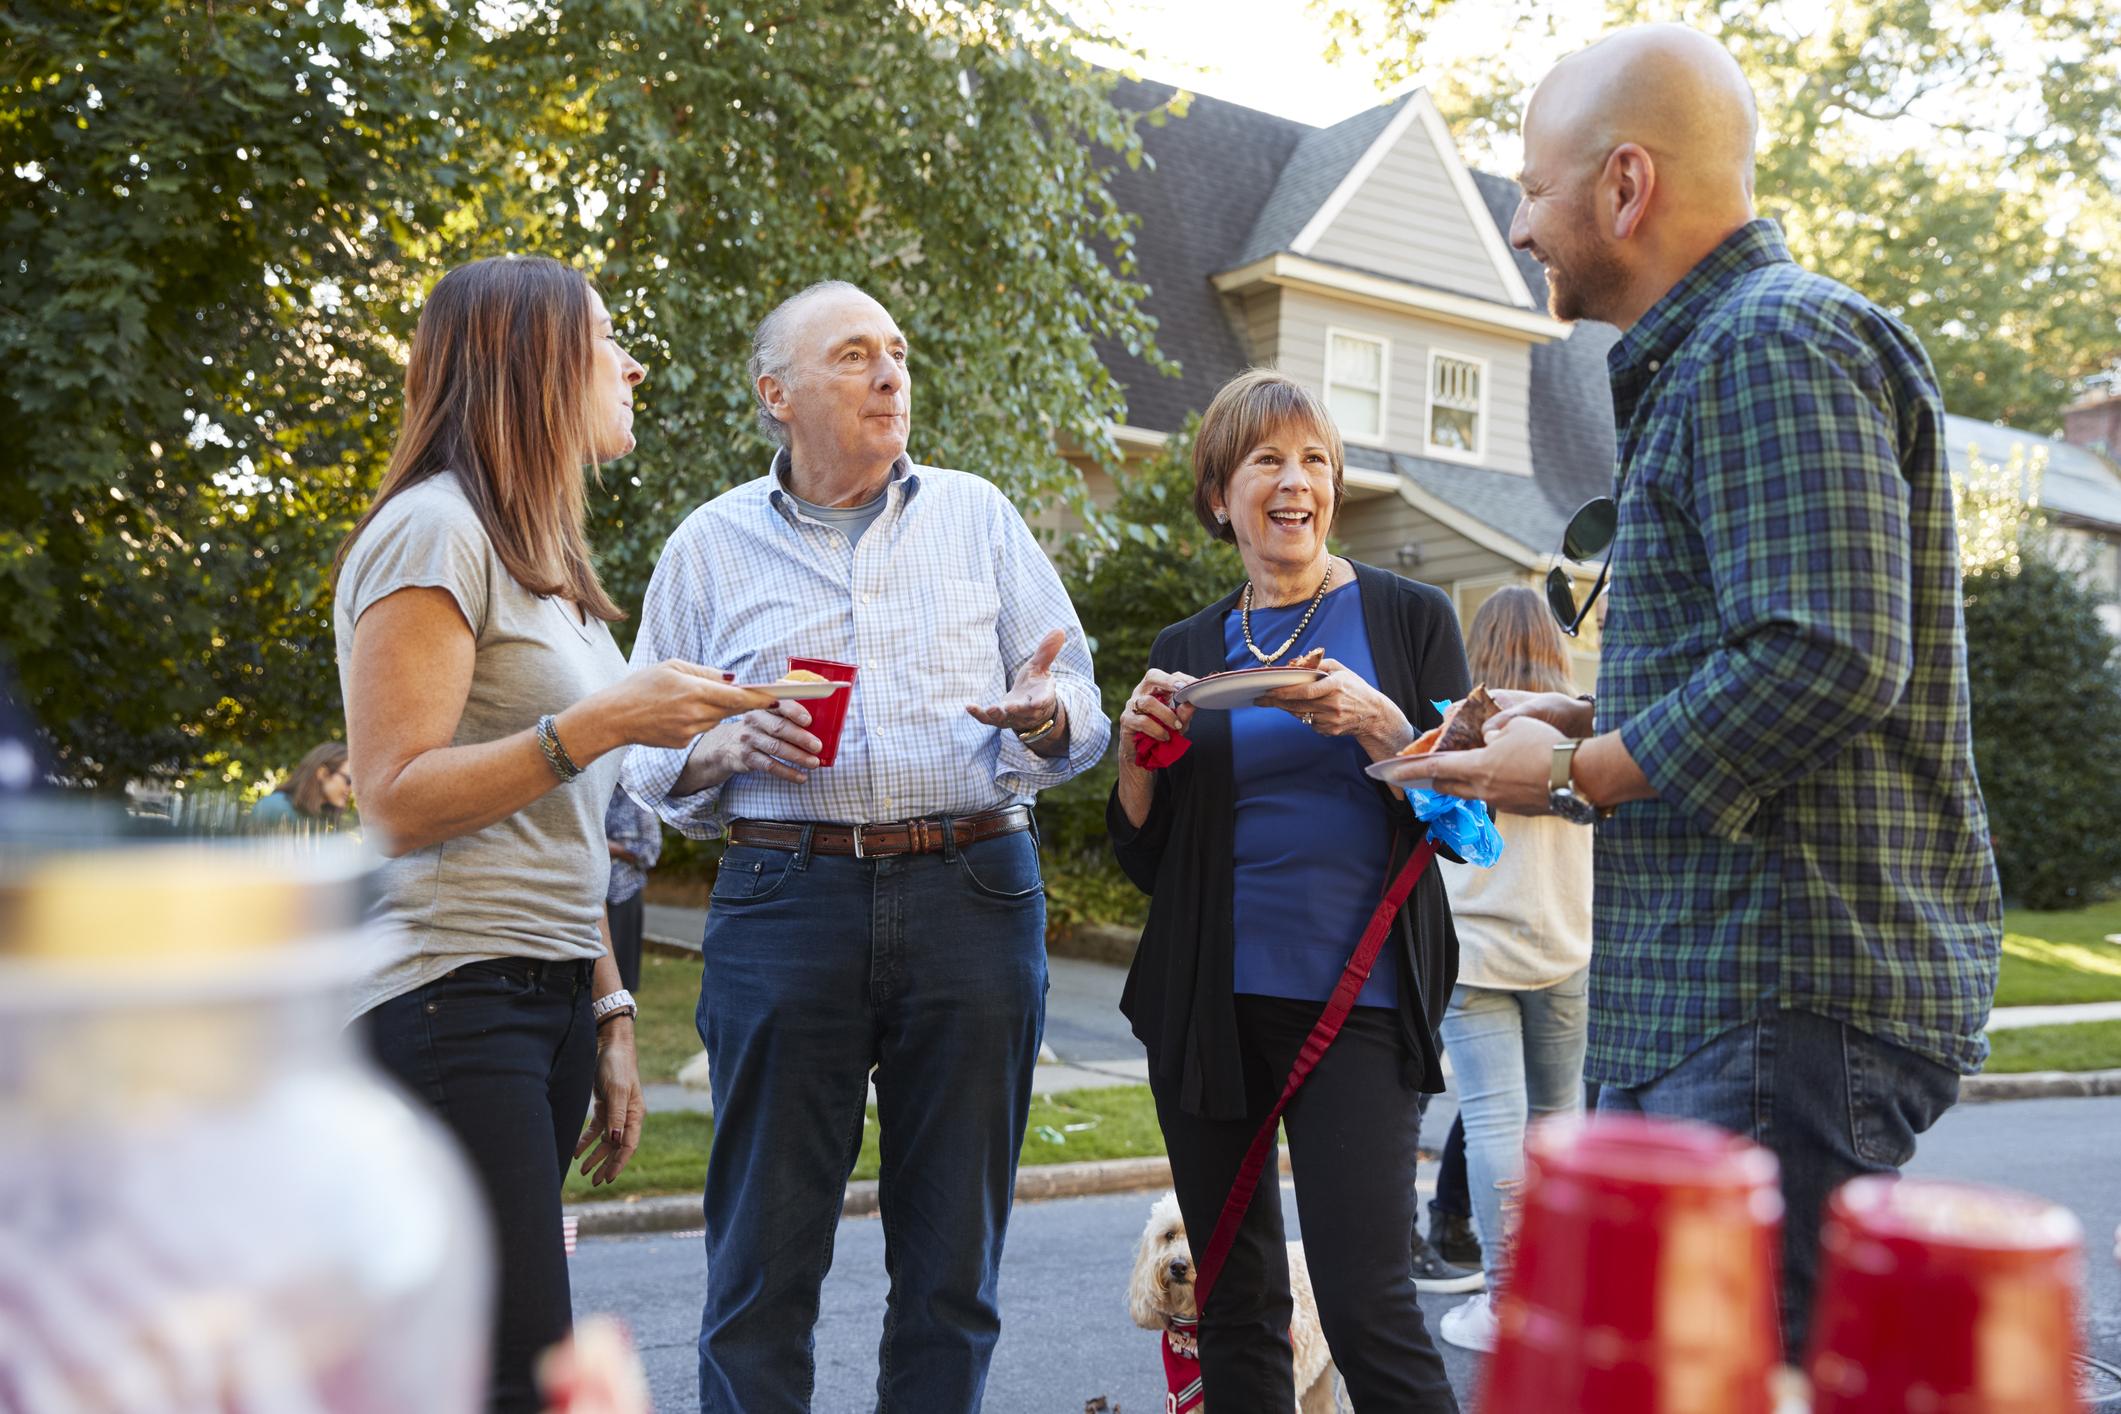 Stock photo of a backyard gathering